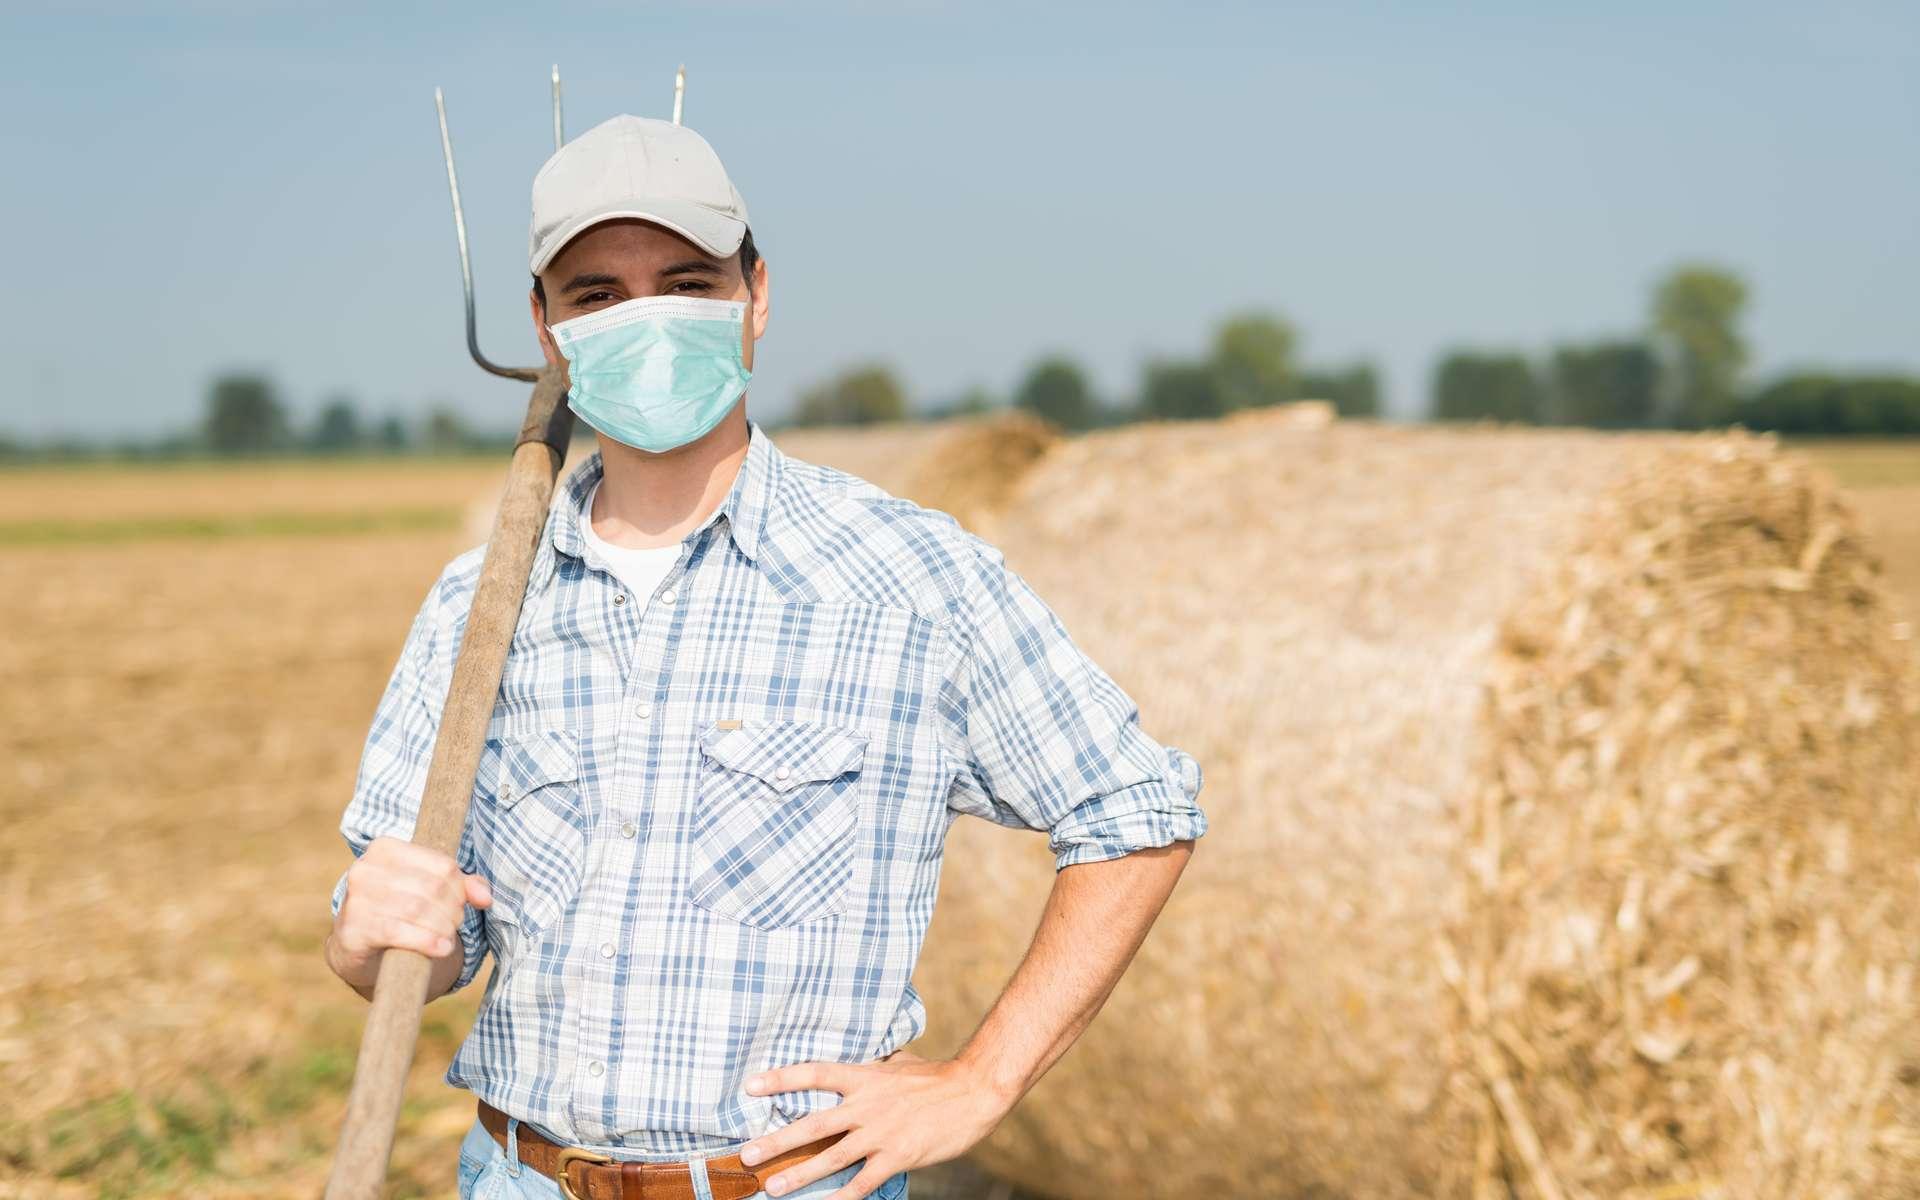 La pandémie de coronavirus a mis à mal le secteur de l'agriculture et du maraîchage. © Minerva Studio, Adobe Stock.